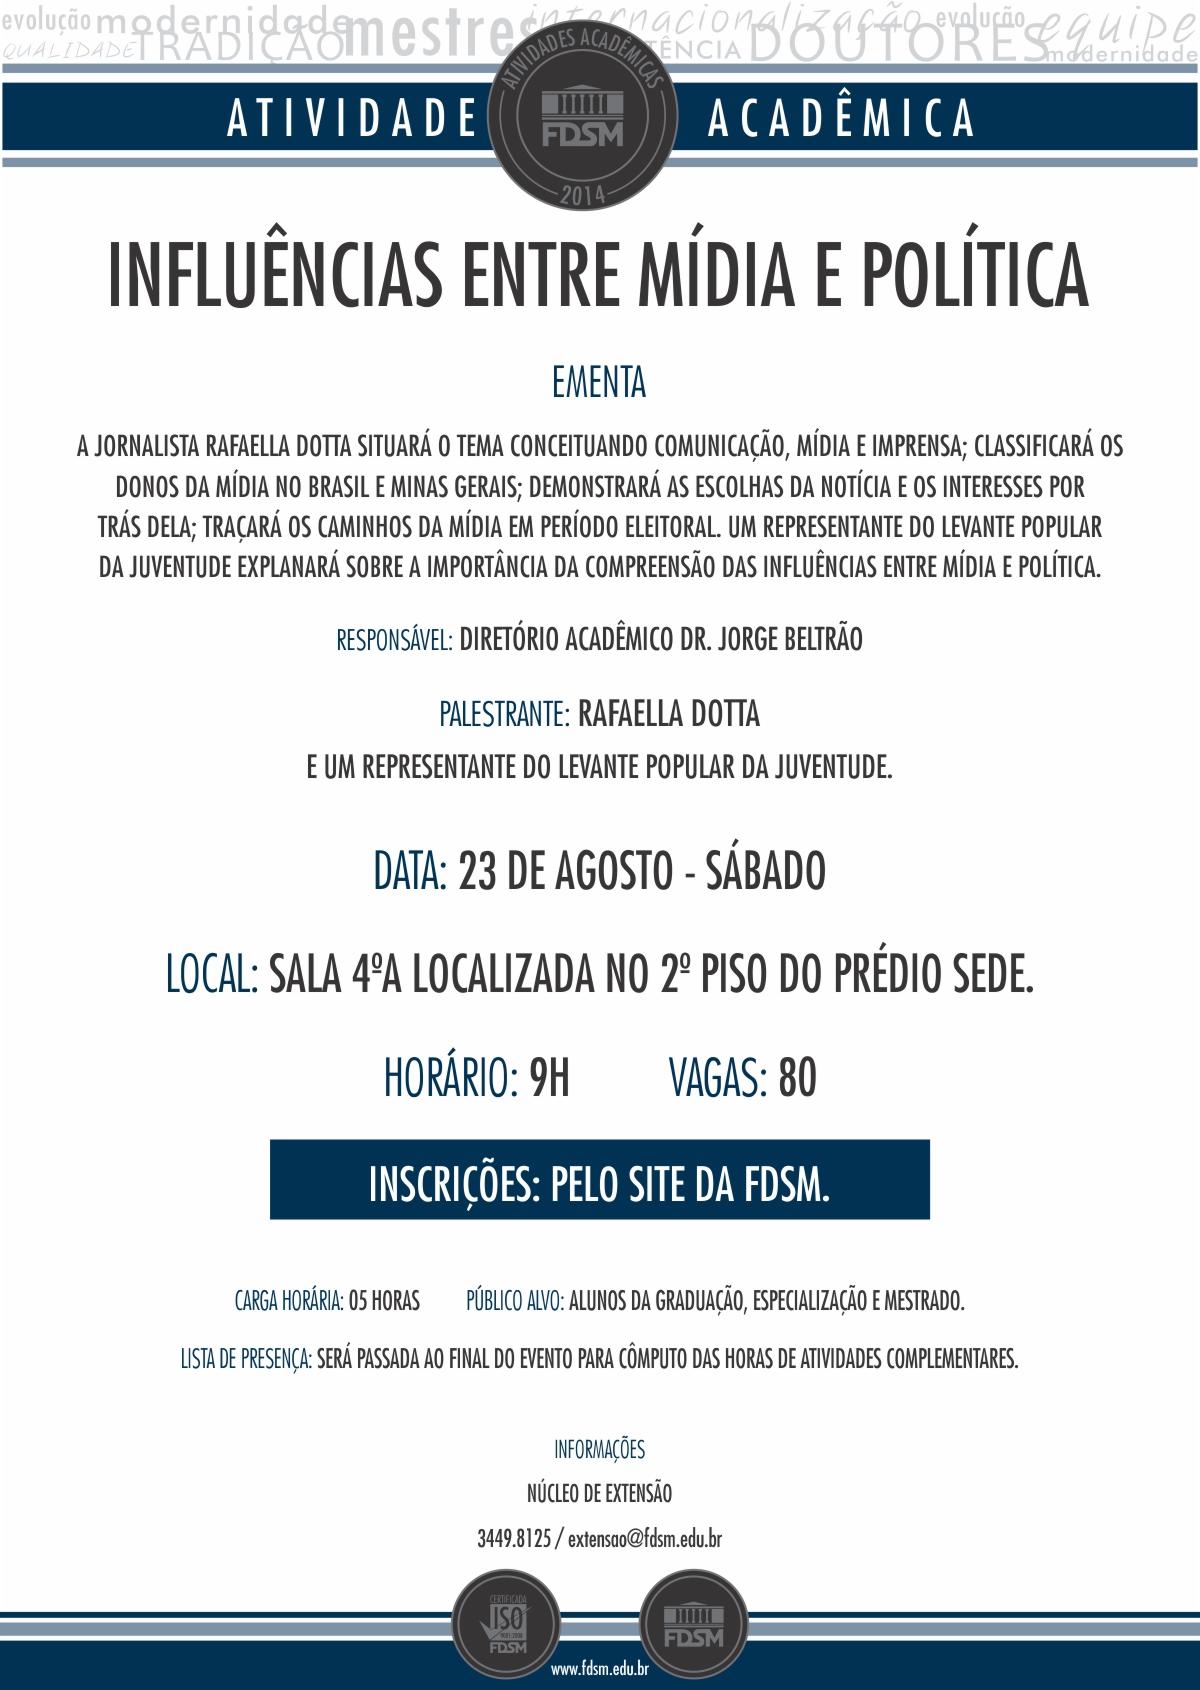 Influências entre Mídia e Política